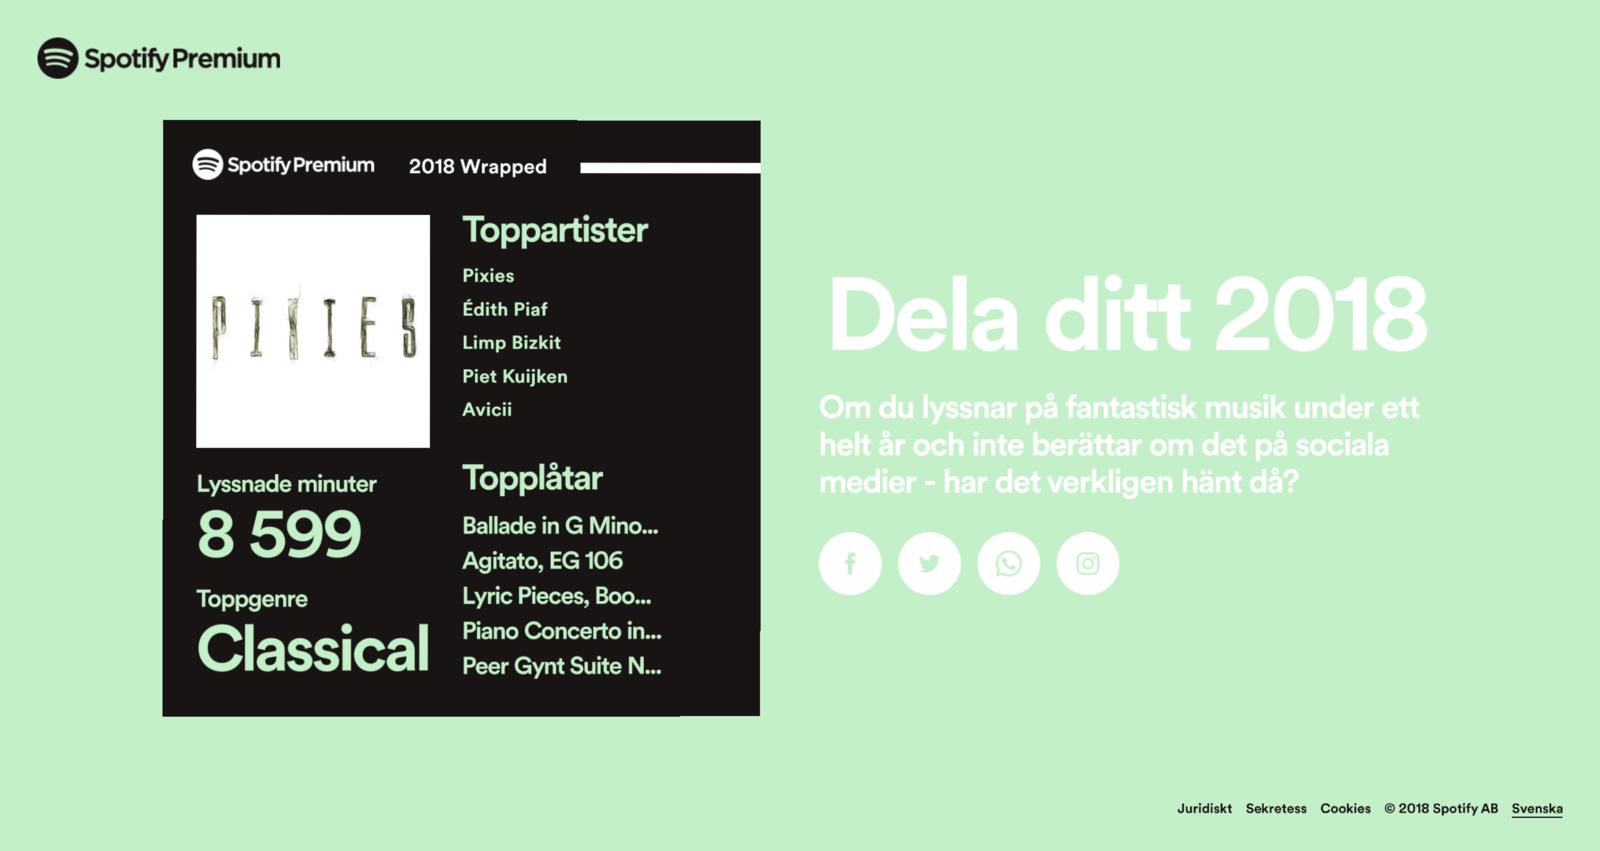 Screenshot_2018-12-23 Ditt 2018 Wrapped.